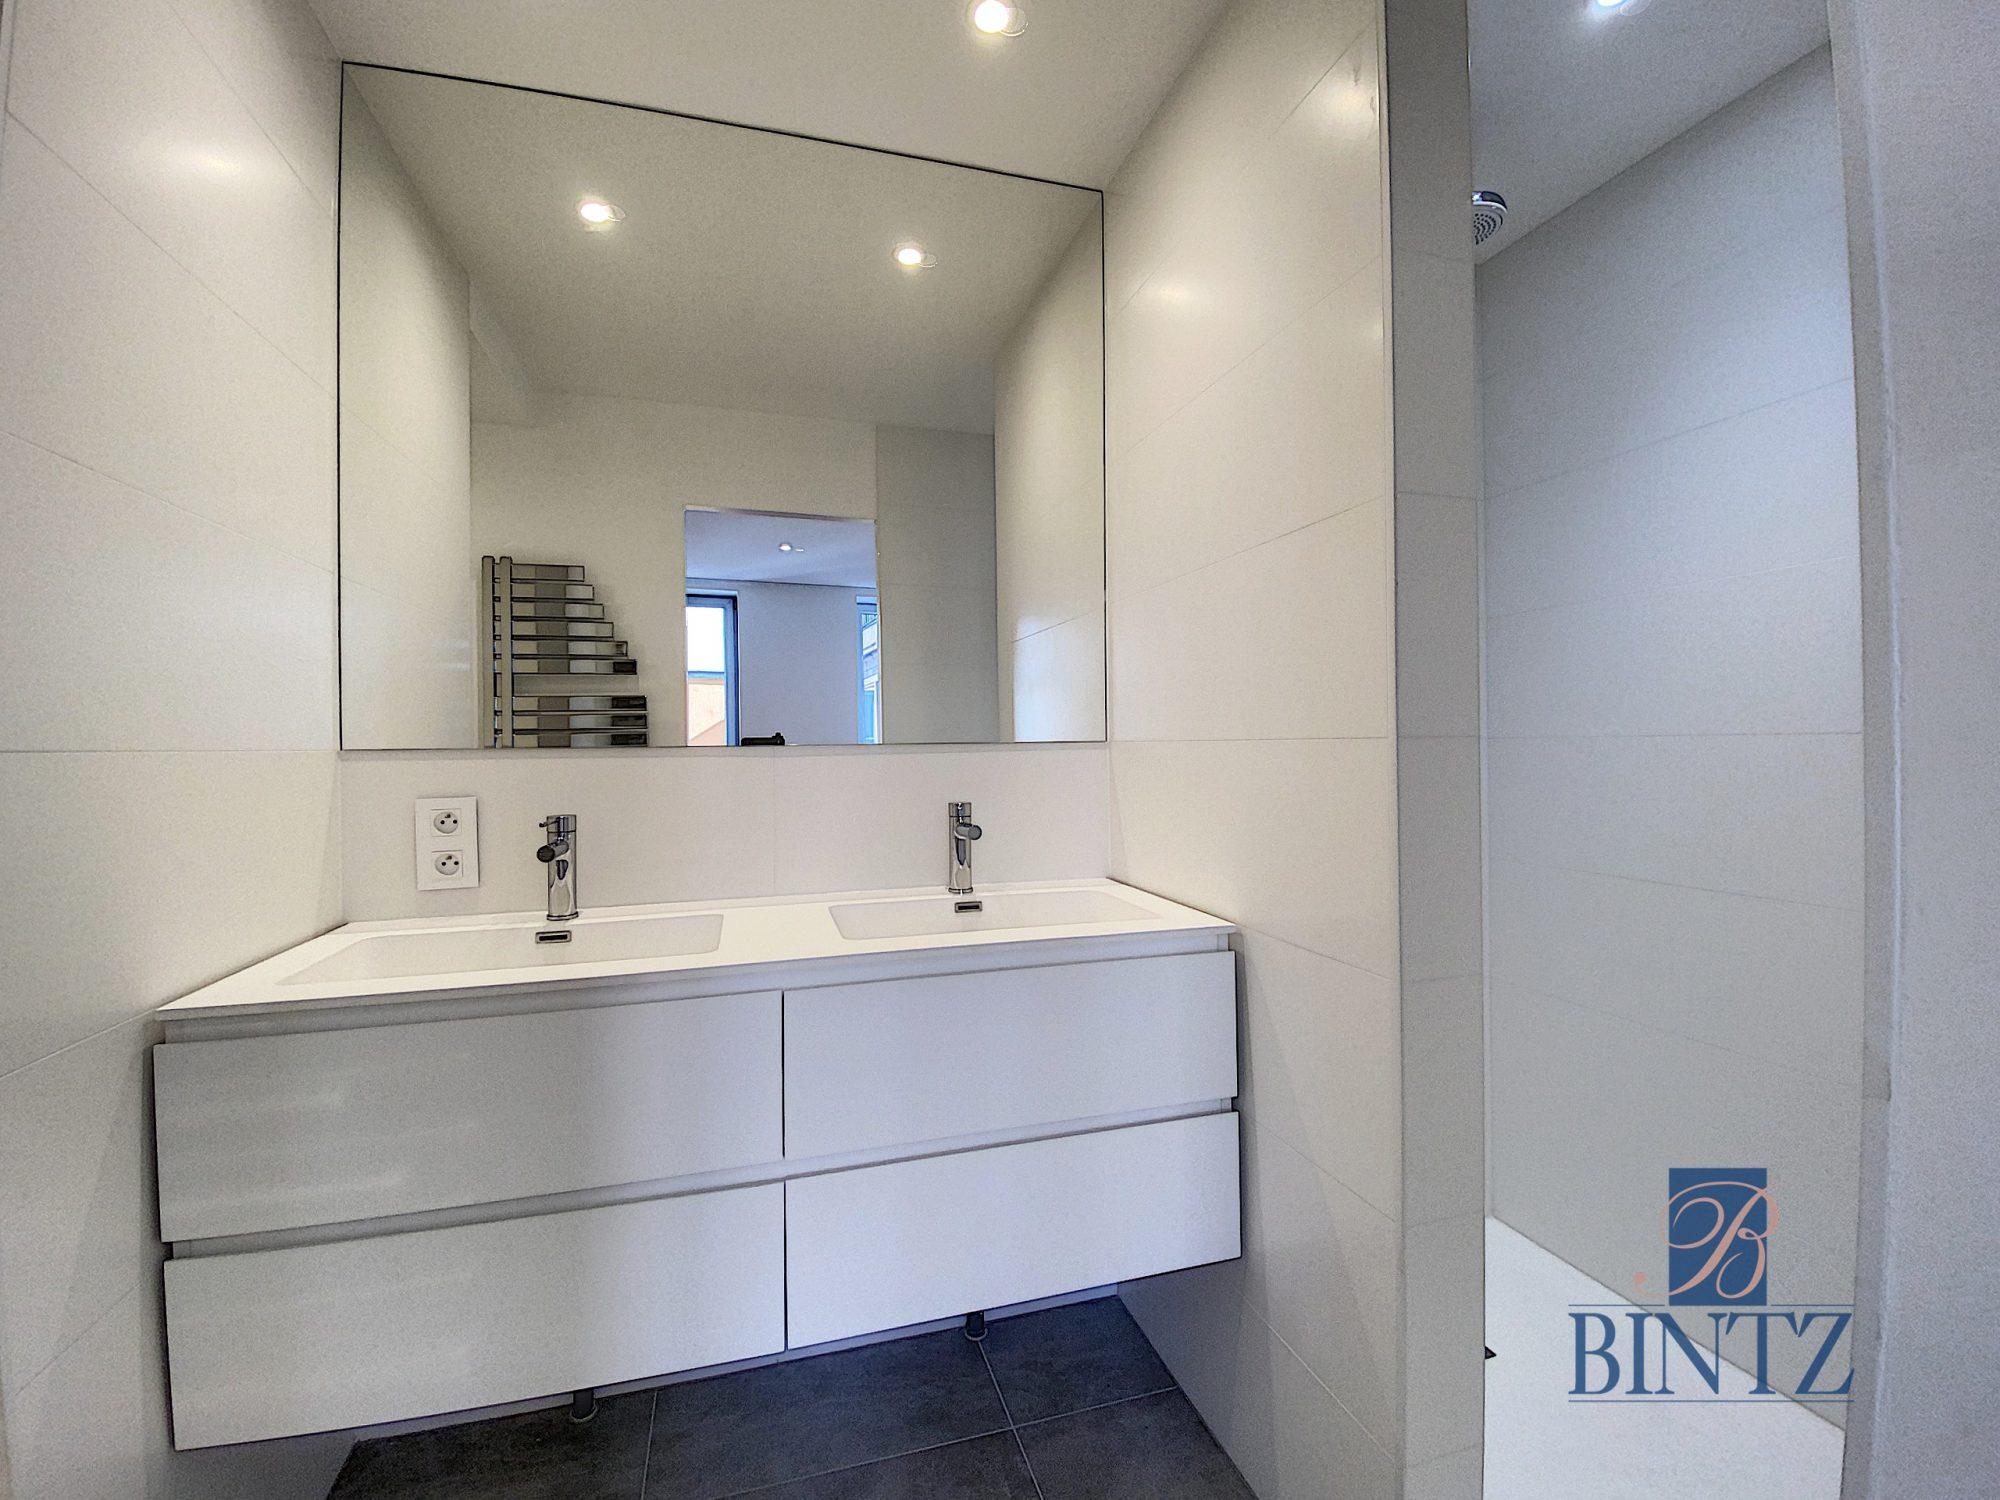 5 pièces d'exception face à la mairie - Devenez locataire en toute sérénité - Bintz Immobilier - 6